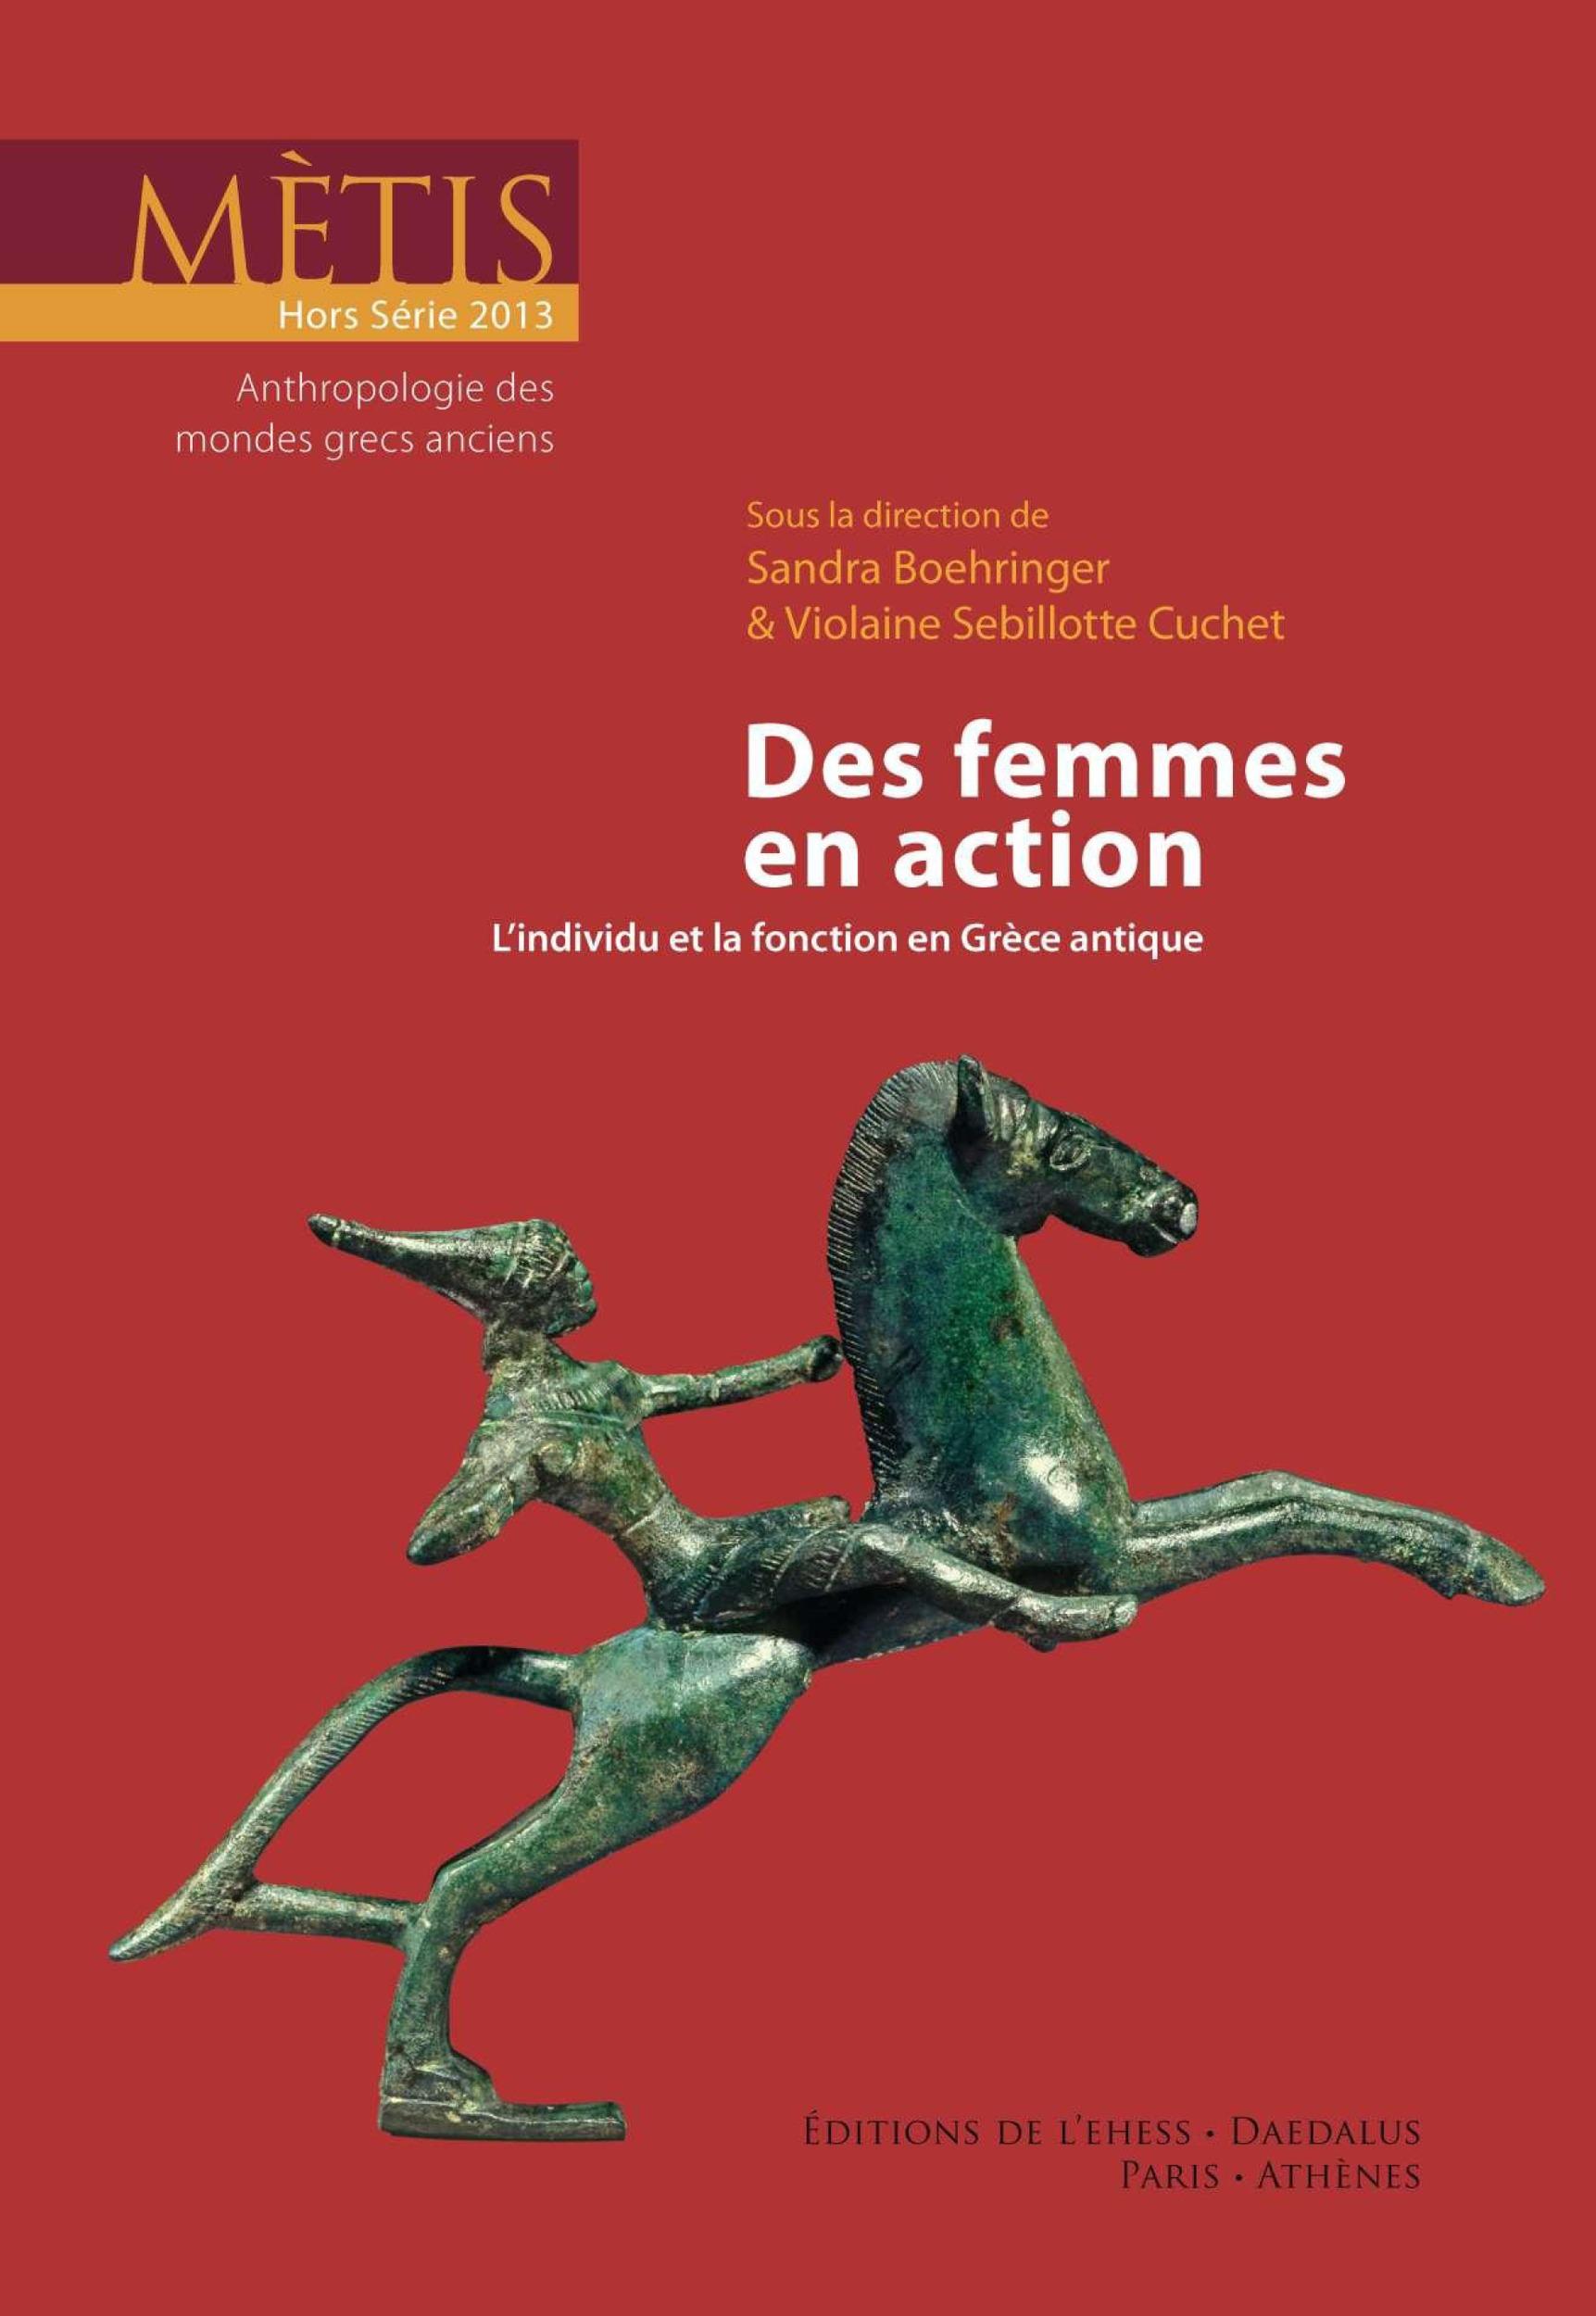 REVUE METIS ; des femmes en action ; l'individu et la fonction en Grèce antique